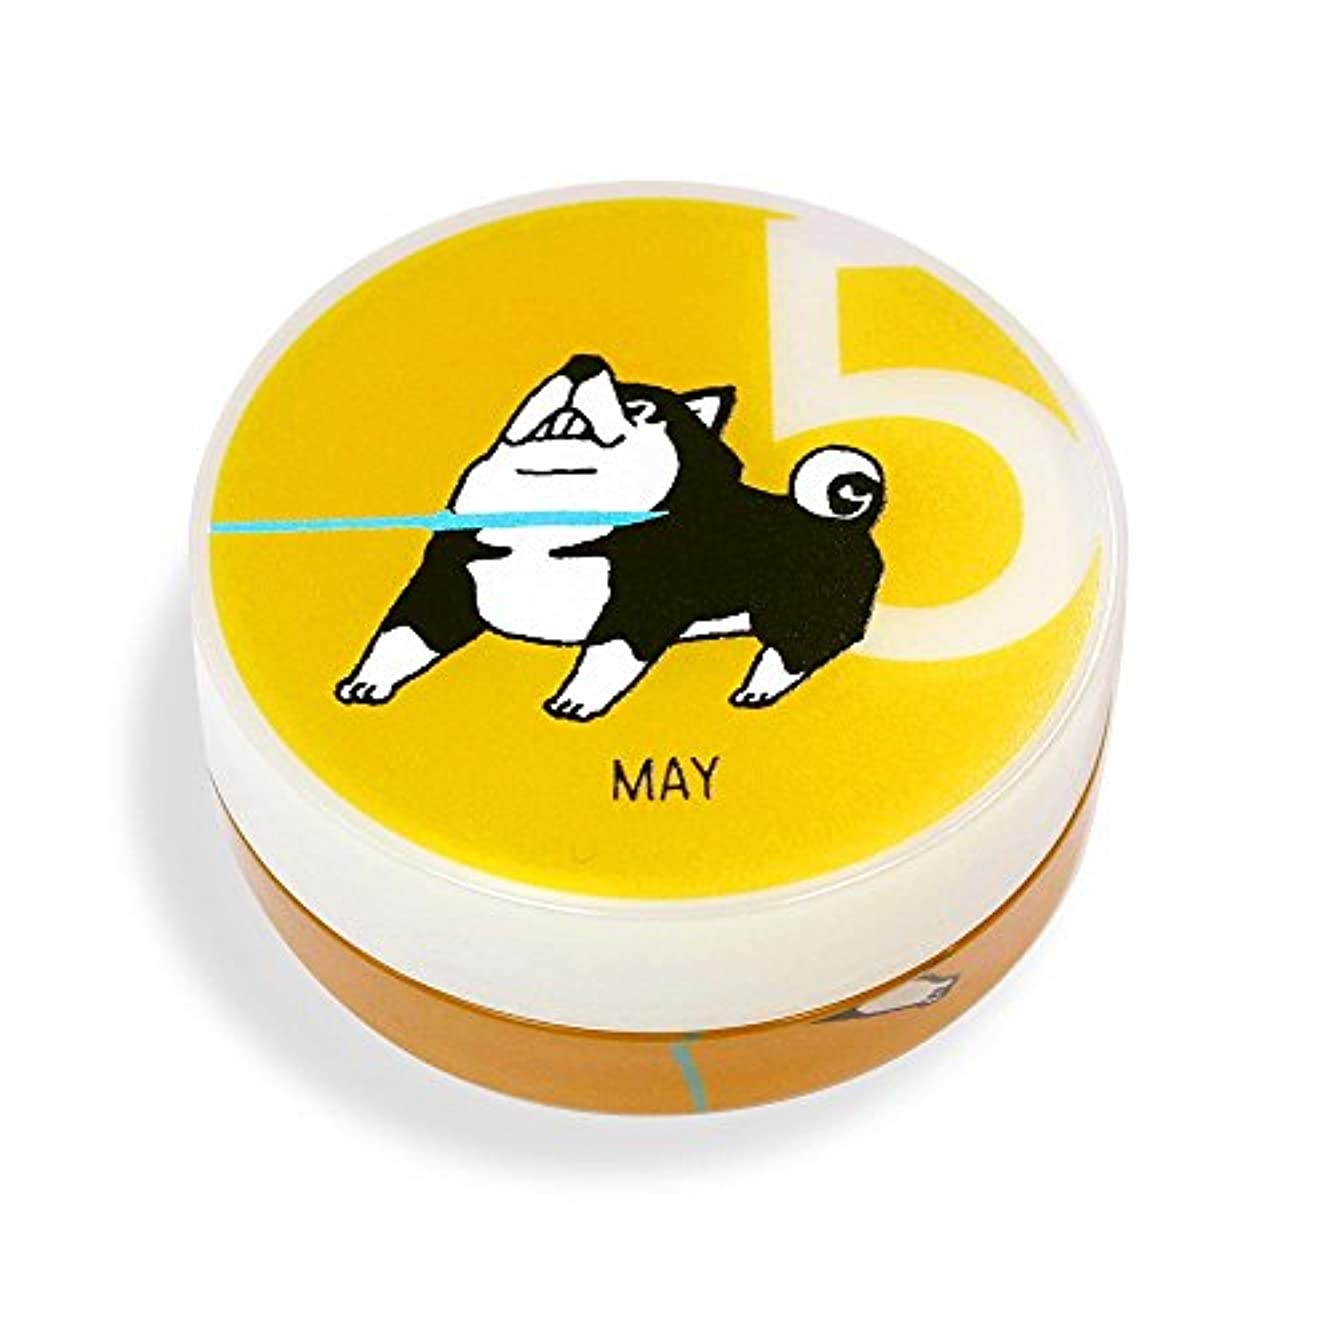 保存厚いファンタジーしばんばん フルプルクリーム 誕生月シリーズ 5月 20g